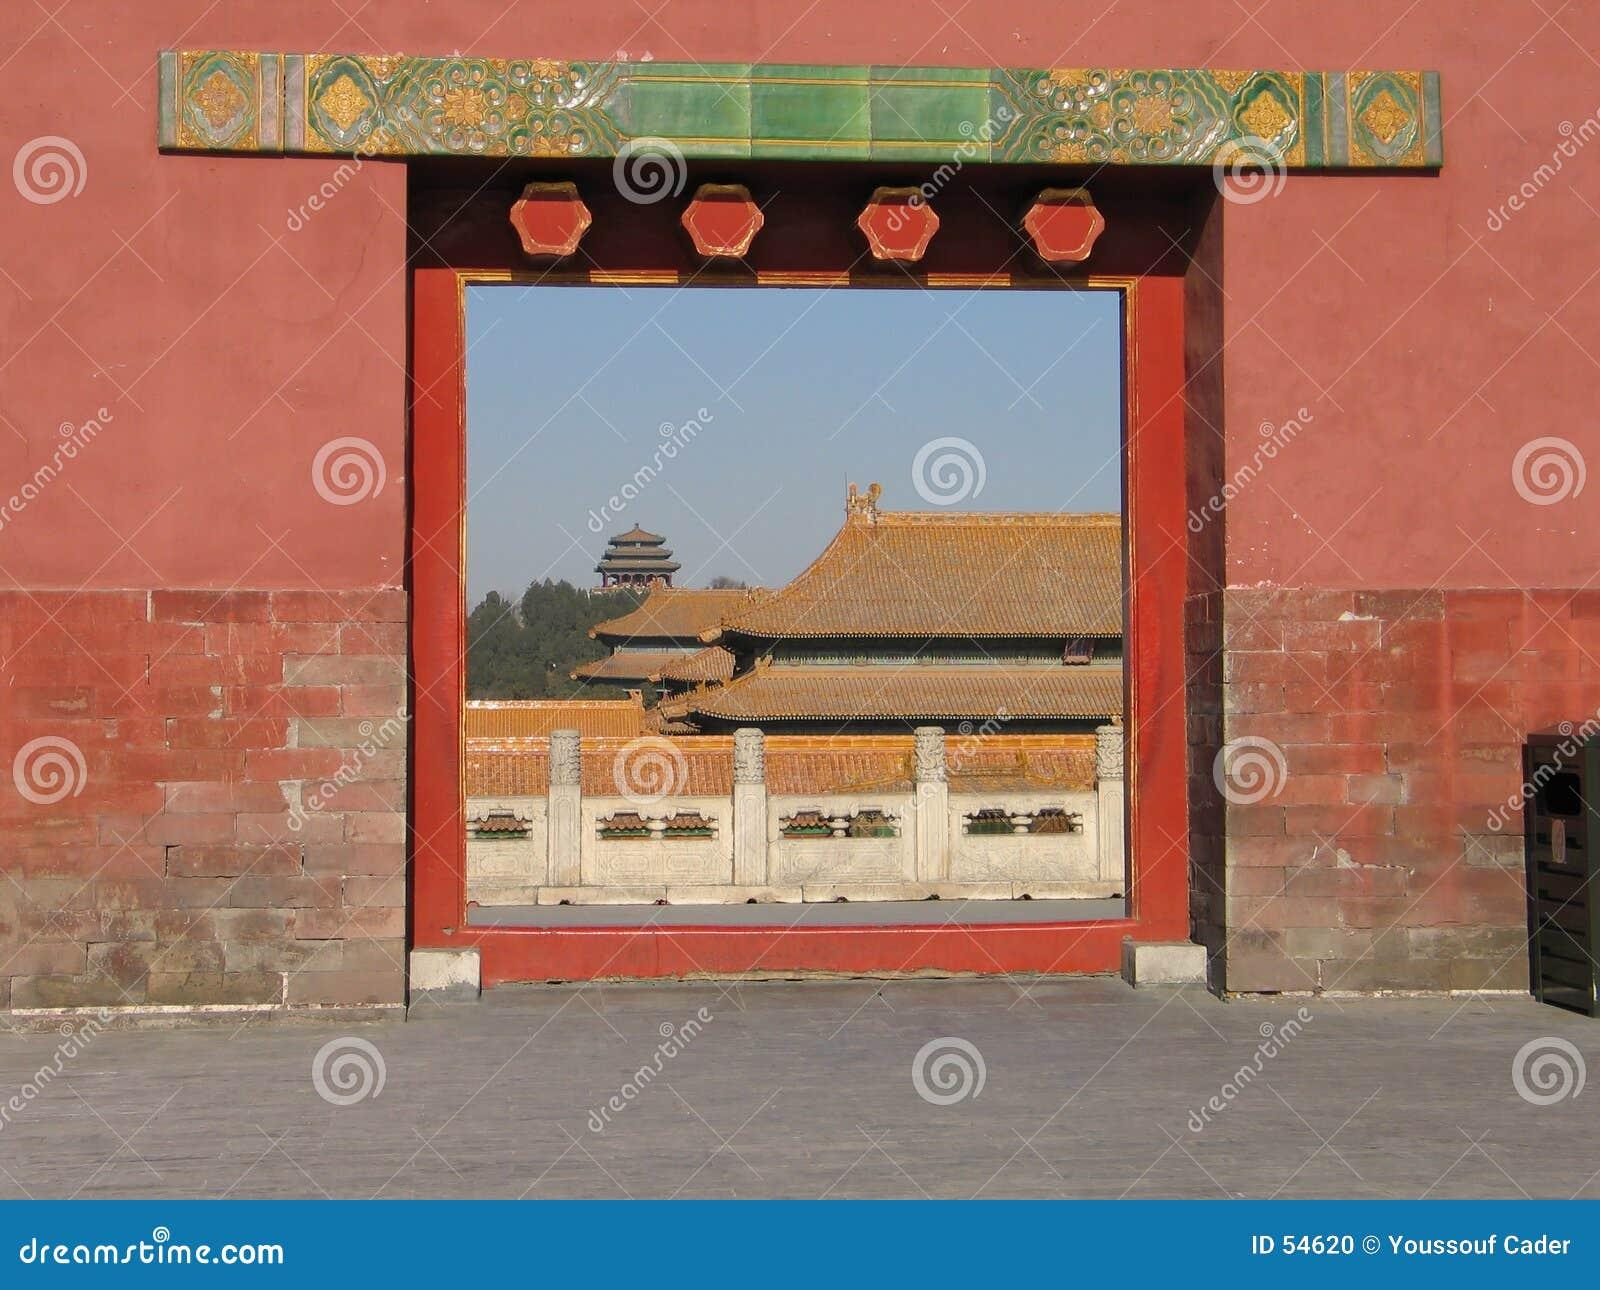 Download City-5880 interdit photo stock. Image du antique, construction - 54620